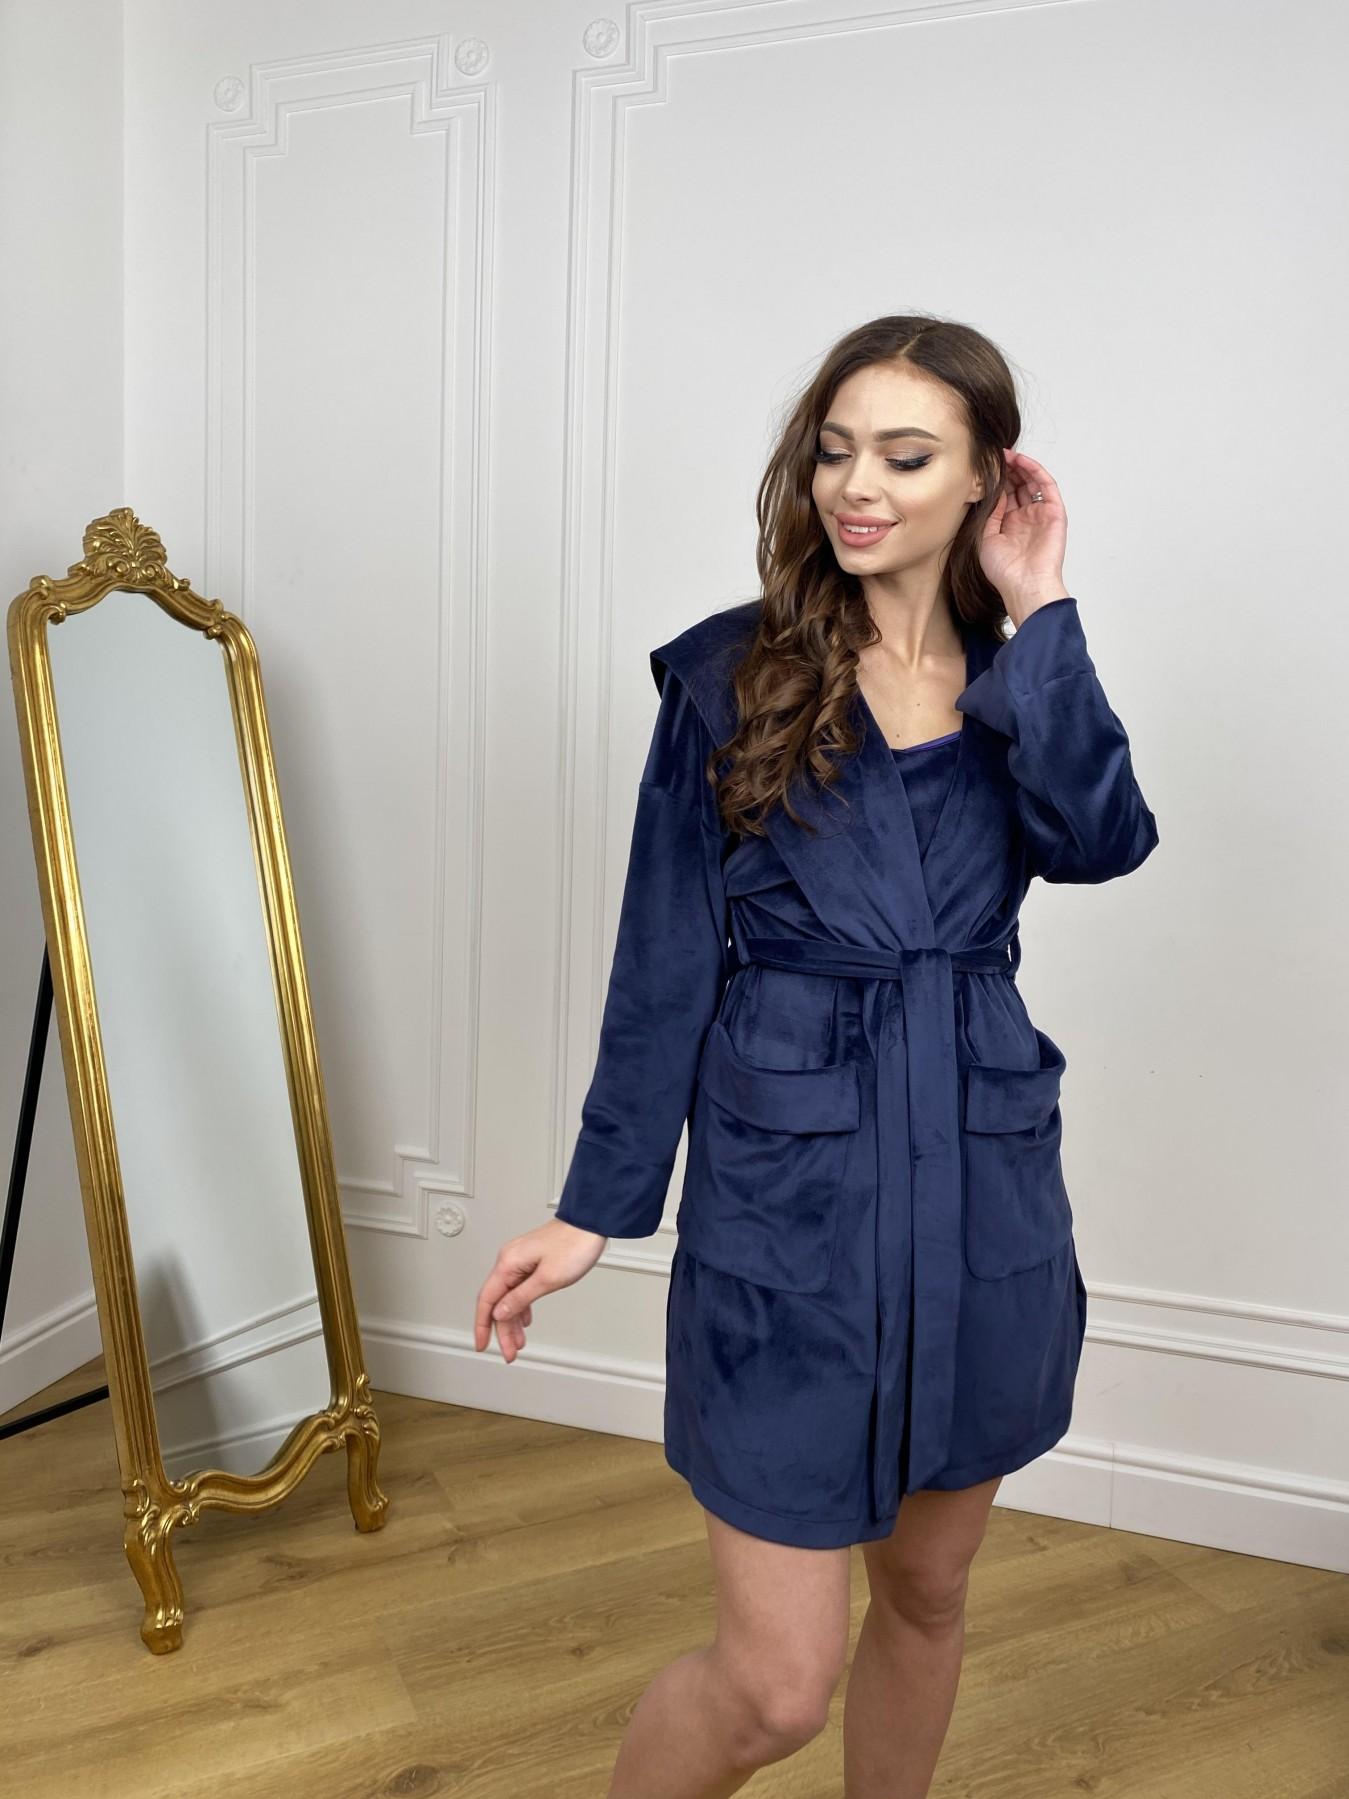 Фабьен халат из  велюровой ткани  10483 АРТ. 46839 Цвет: т. синий - фото 2, интернет магазин tm-modus.ru